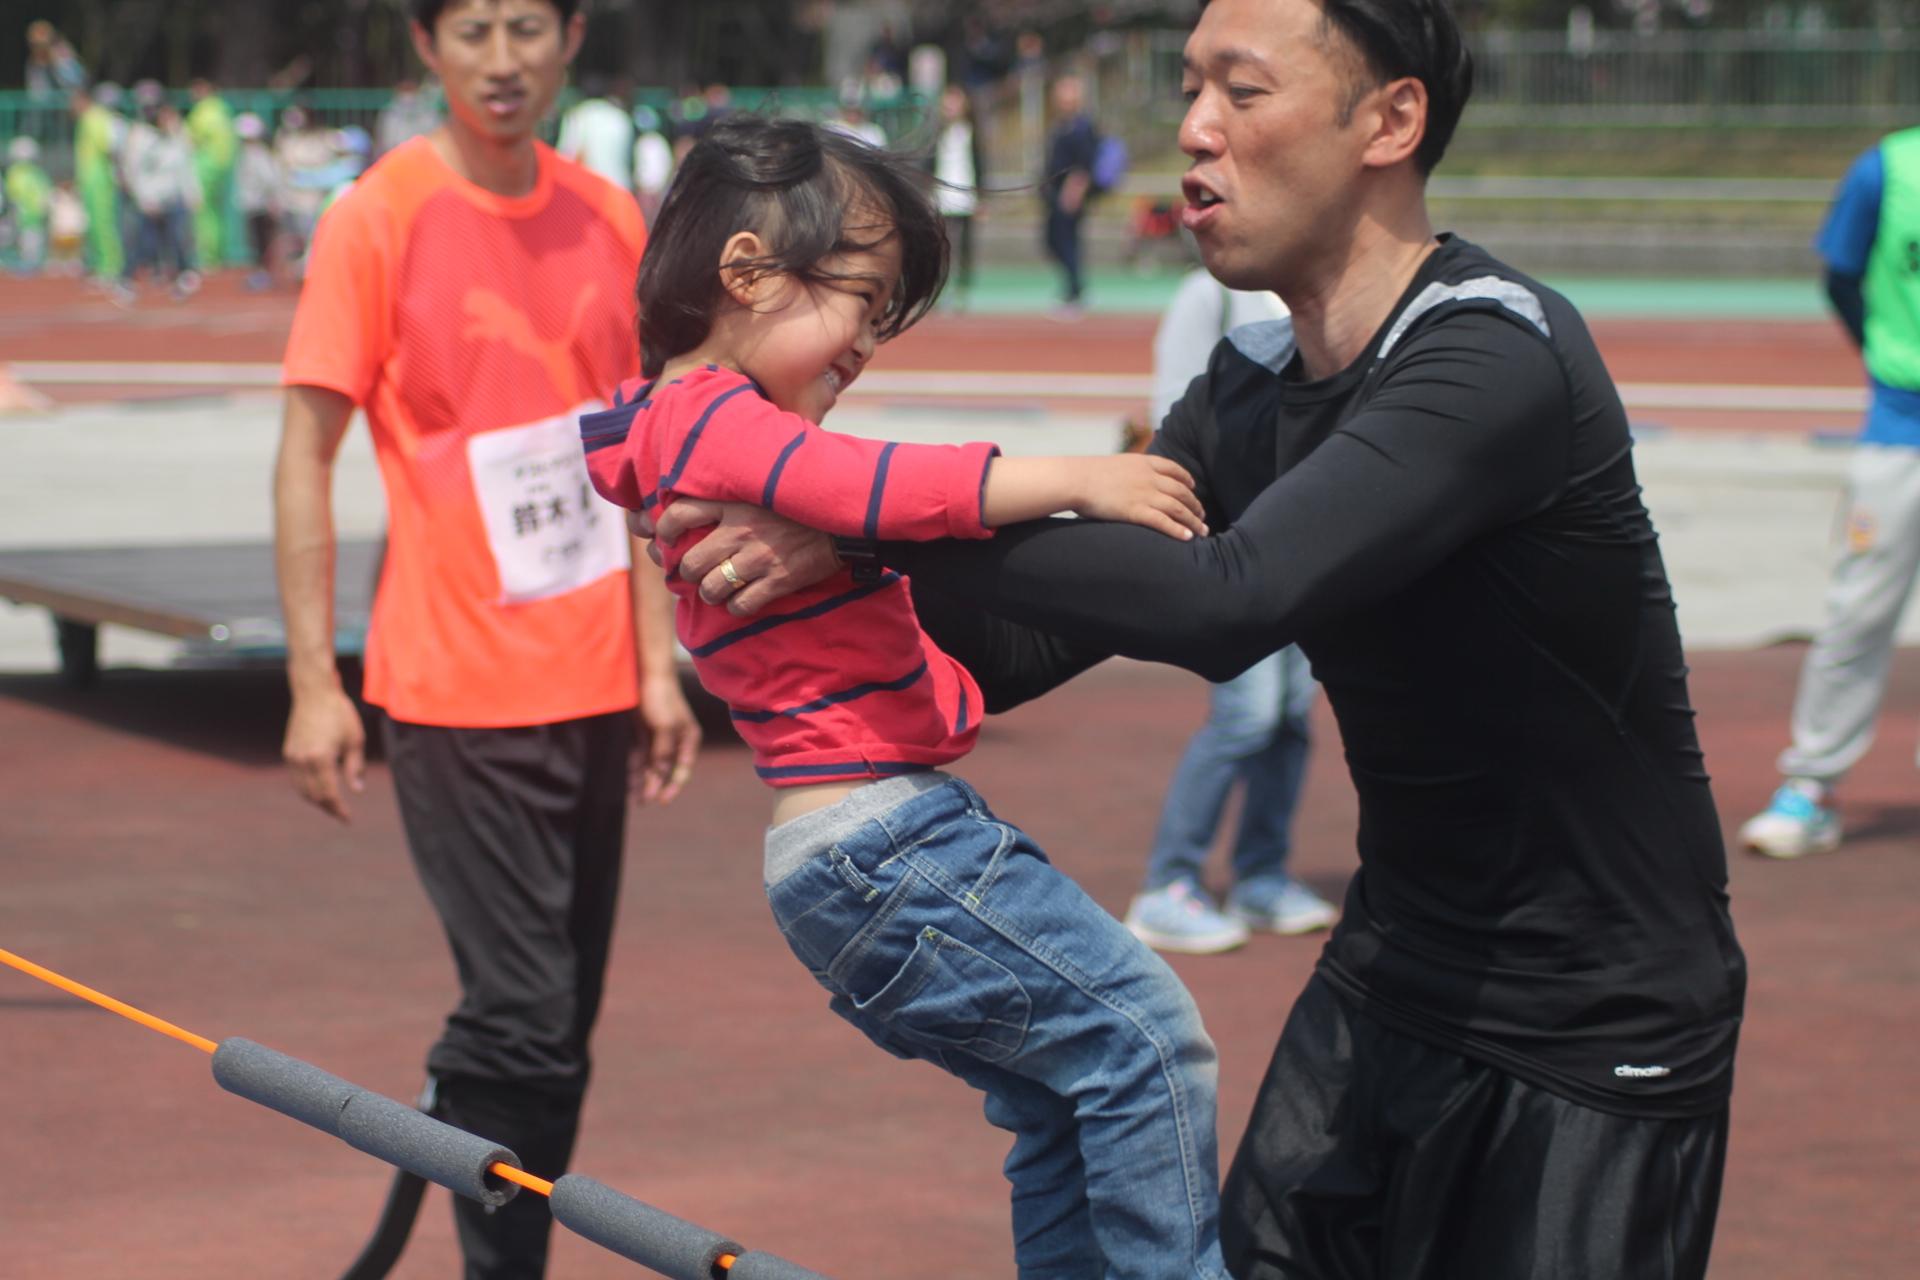 お父さんに抱っこしてもらいながら走高跳に挑戦した子どもは「お父さんのおかげでできた!」と、終始笑顔ではしゃいでいた